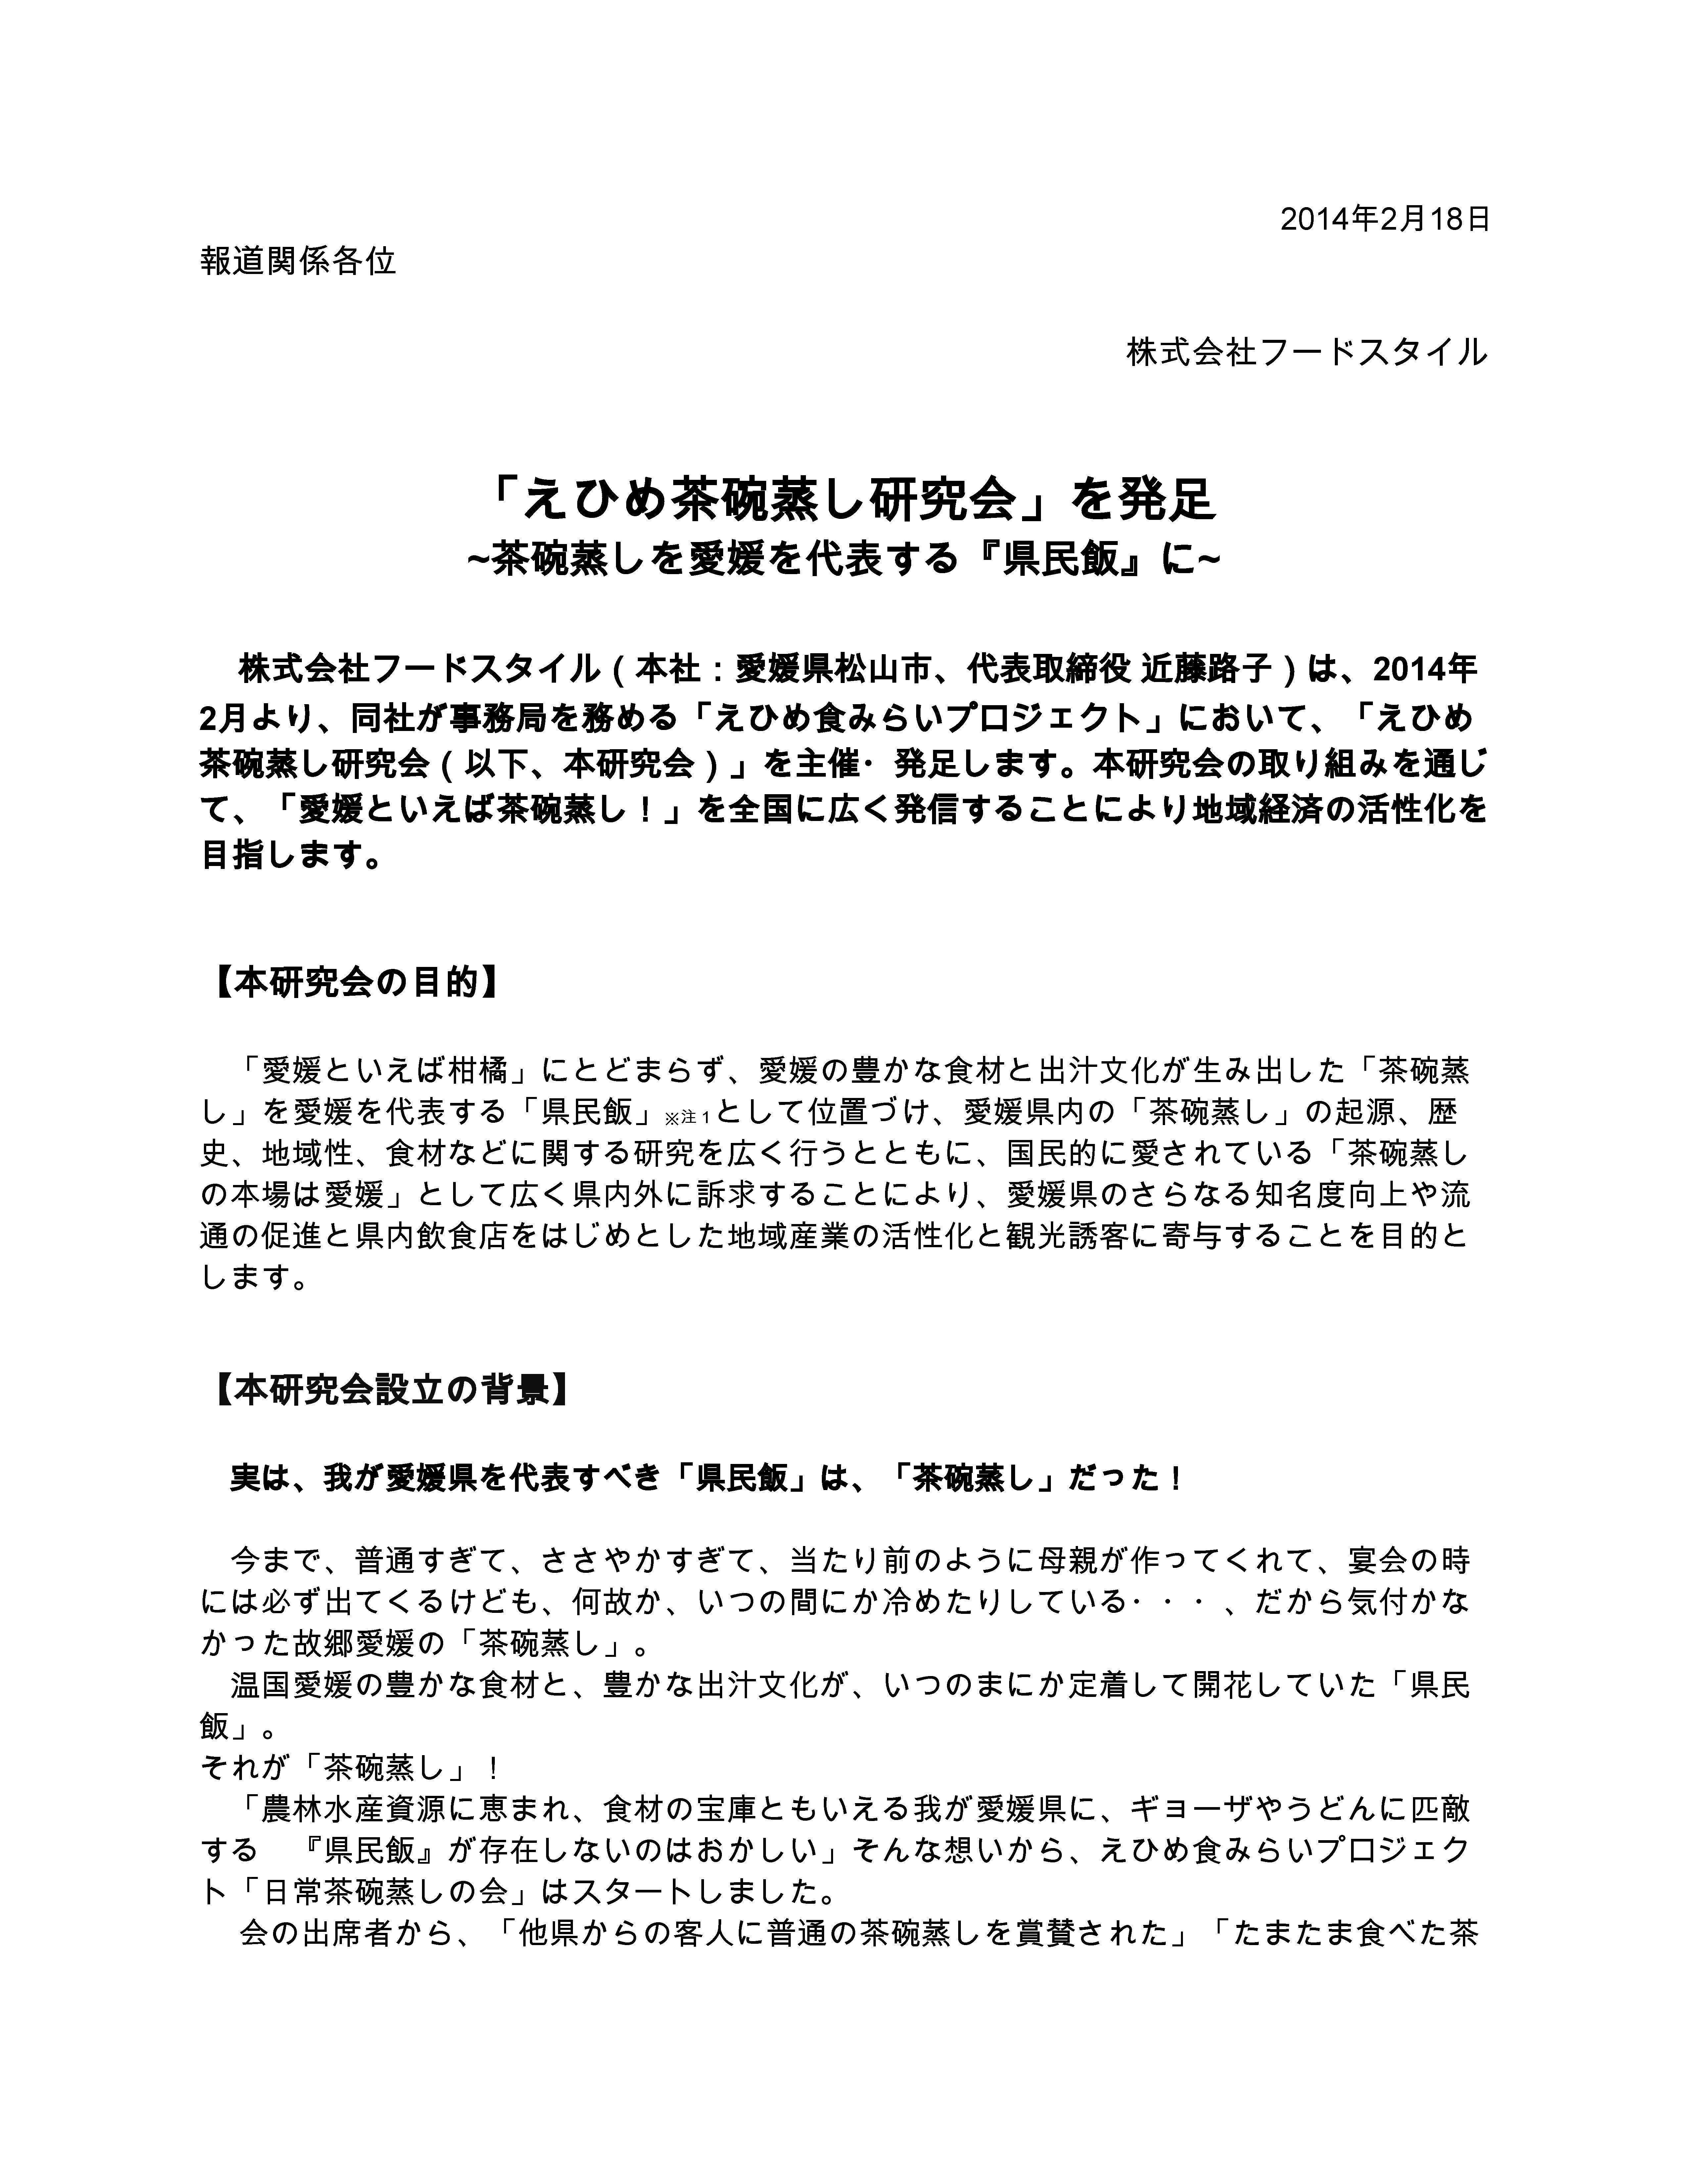 tyawanmushi_ヘ=ーシ=_1